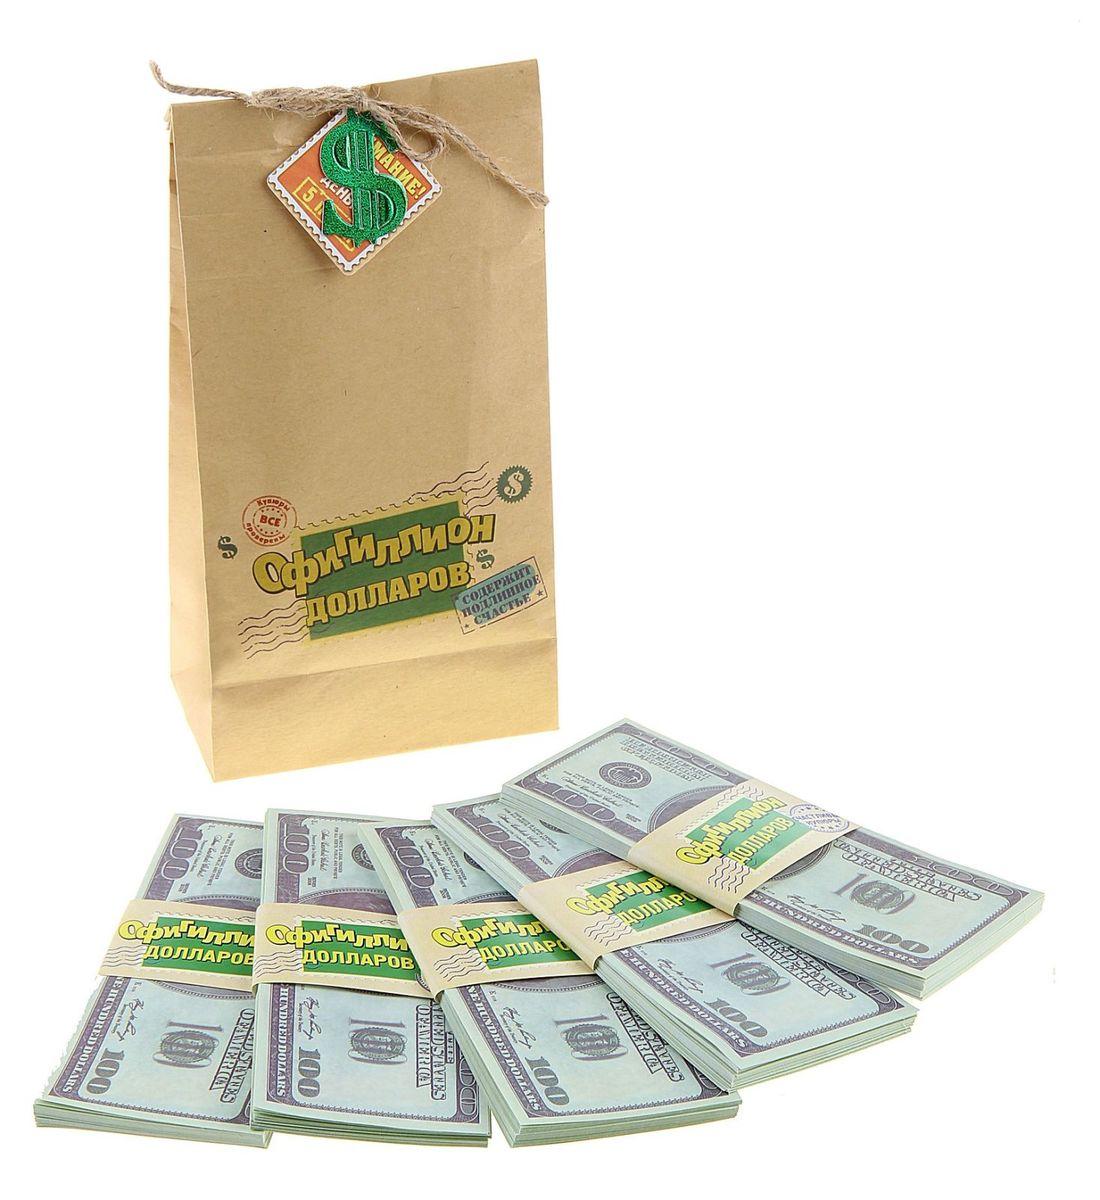 Мешок денег Sima-land Офигиллион Долларов, 4 x 11,5 x 21,4 смUP210DFХотите весело и щедро выкупить невесту? Легко!Сколько нужно жениху, чтобы родители невесты отдали их бесценное сокровище? Возможно, мешок денег или два. А в каждом – по офигиллиону долларов. Теперь точно хватит!В плотном мешке из бумаги располагается 5 пачек, каждая их которых упакована в бумажную обертку с надписью. Деньги оформлены в виде настоящих стодолларовых купюр. Мешок декорирован бечевкой с эмблемой валюты, которая находится внутри.Теперь дело за малым, осталось лишь послушно выполнять задания подружек невесты и удивлять их своей щедростью!